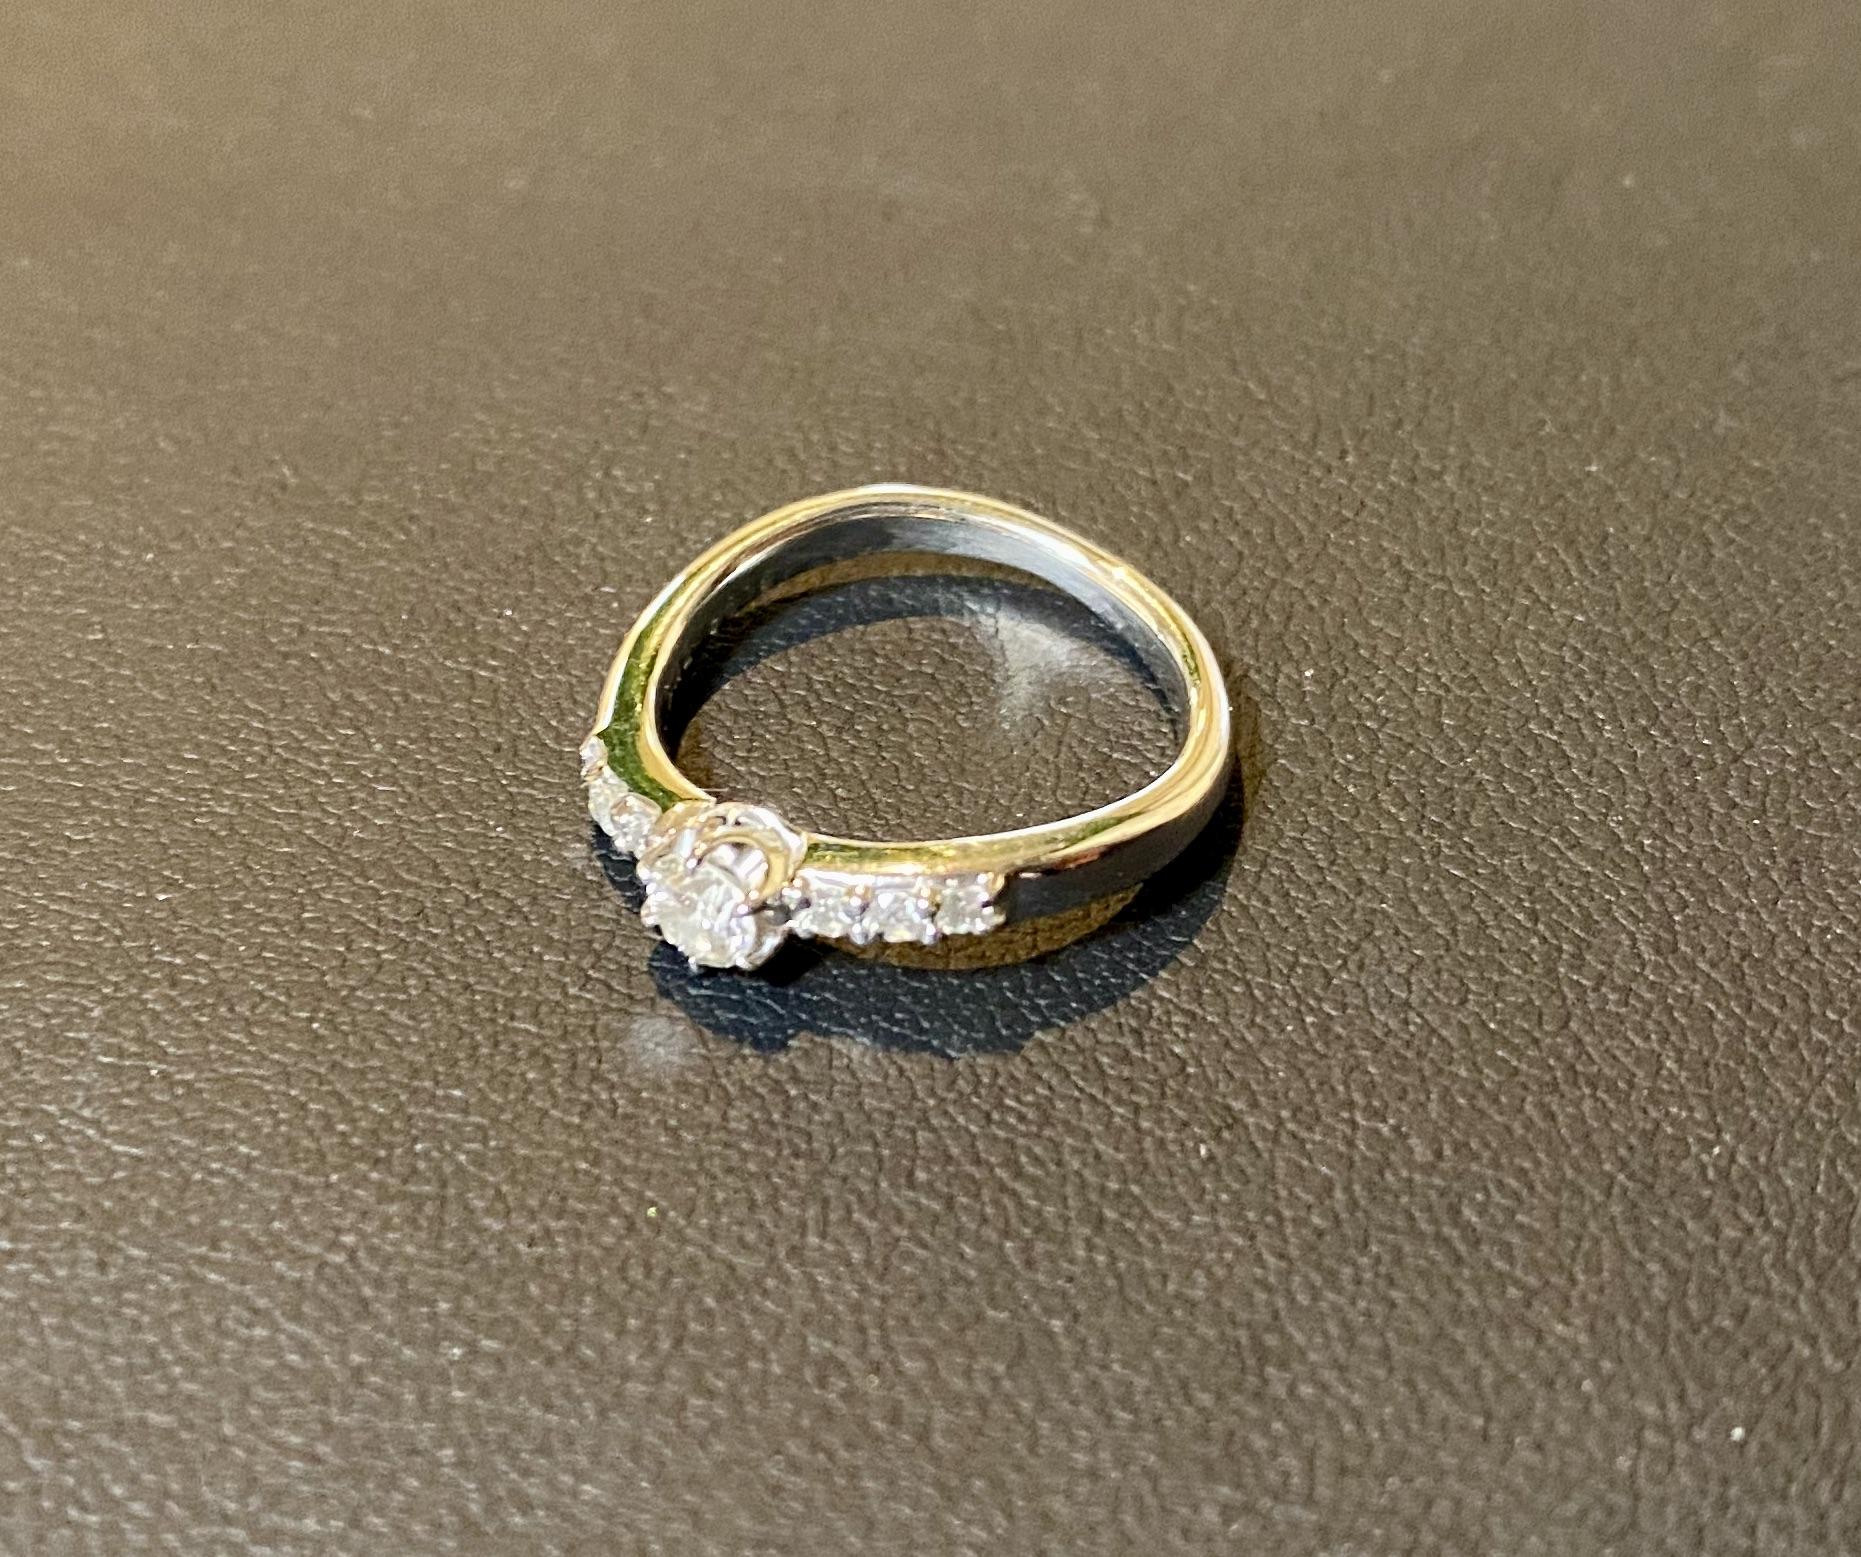 プラチナ(Pt900)ダイヤモンド付きの指輪をお買取させていただきました。